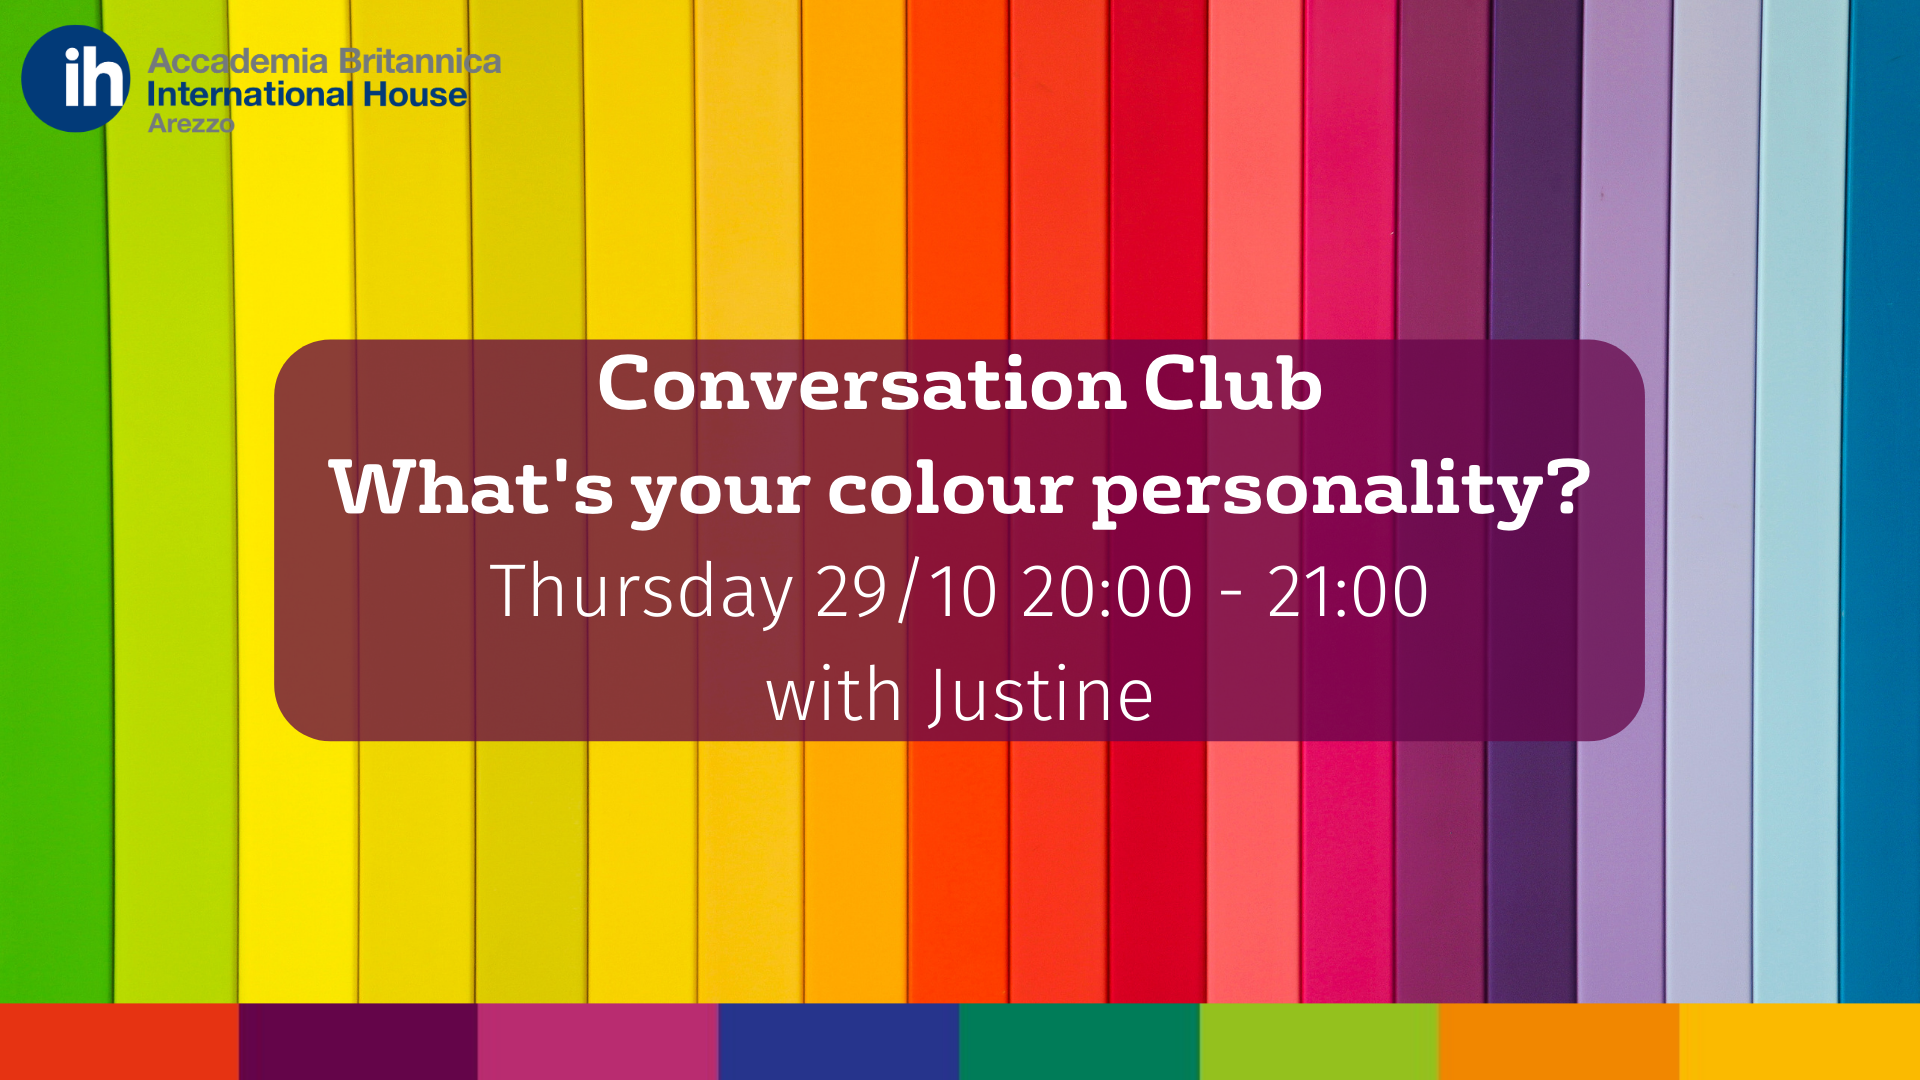 Conversation Club 29.10.20 | Accademia Britannica IH Arezzo